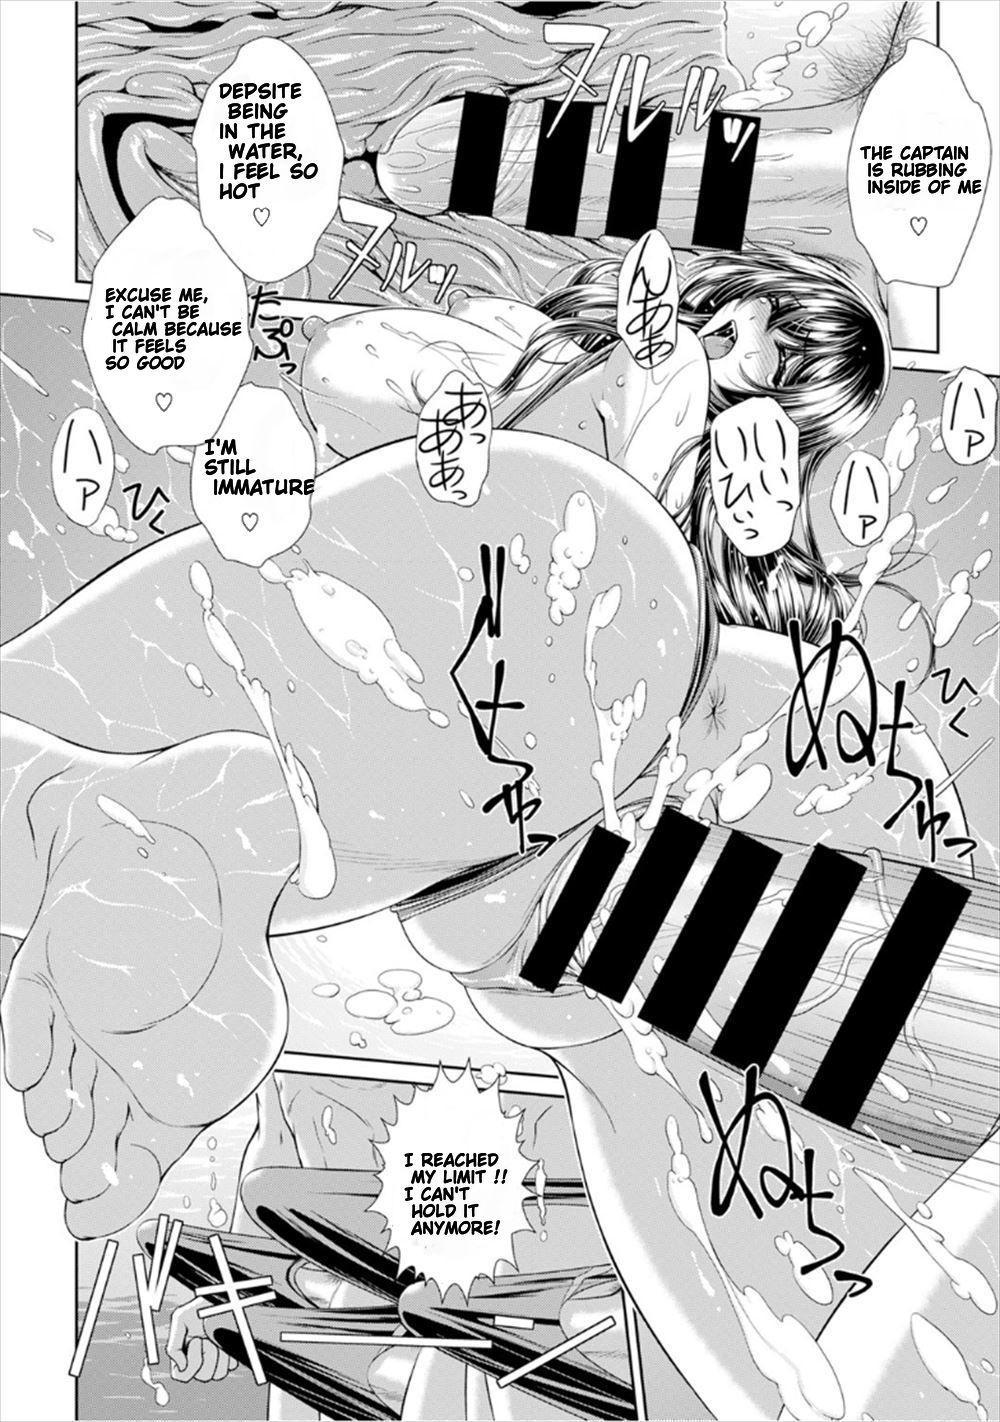 [Ban Kazuyasu] Kedamono-tachi to Ojou-sama (Yappari Mizugi Bishoujo ga Suki Vol.01) [English] 15